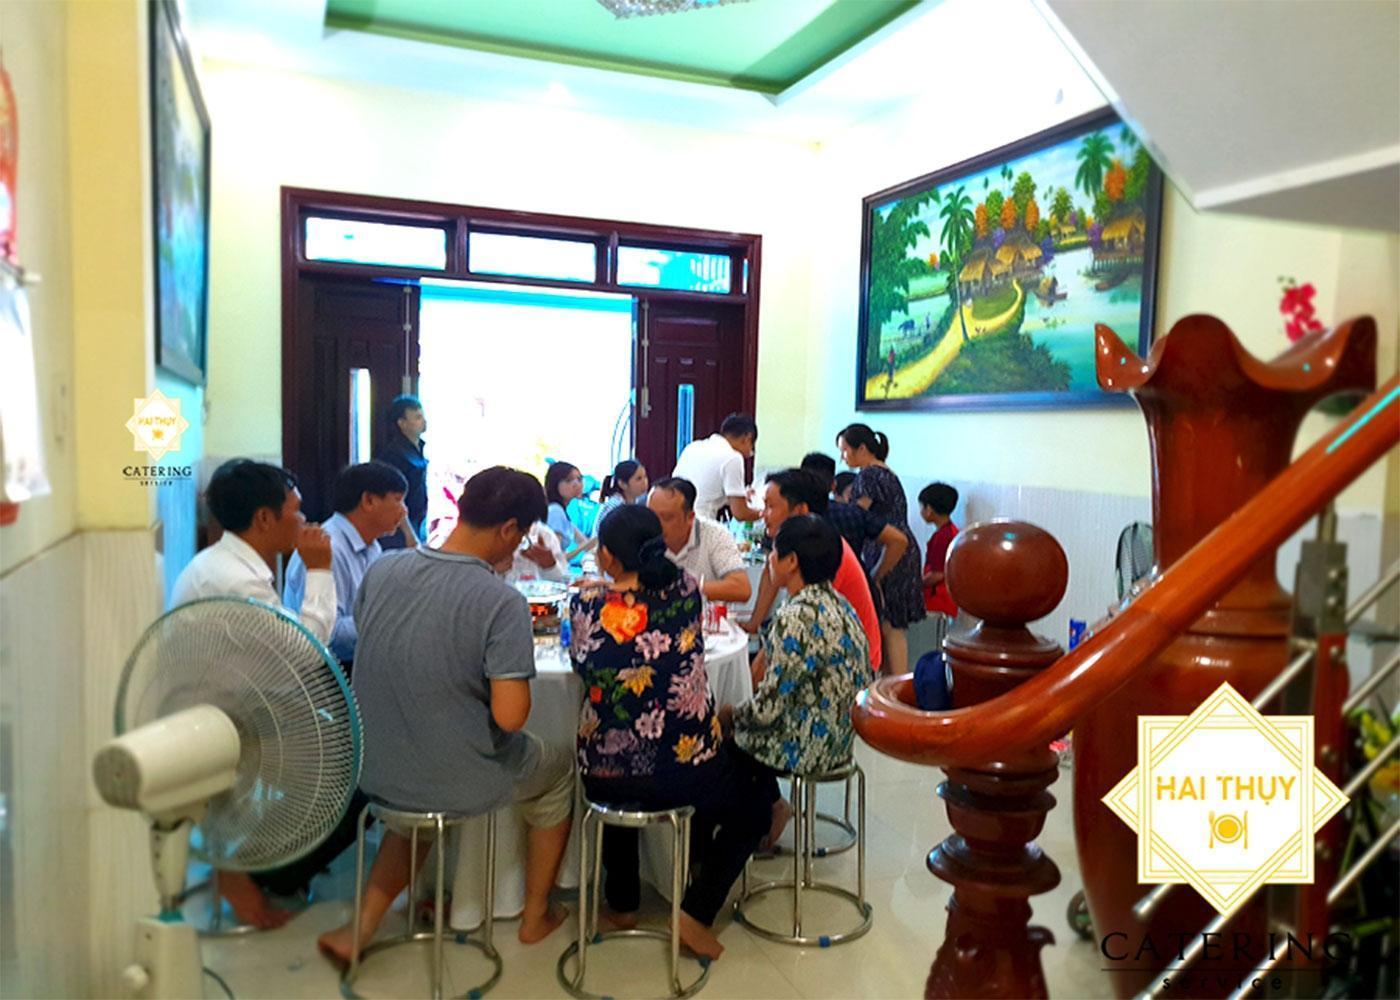 Tổ chức tiệc đám giỗ tại quận Tân Bình - Hai Thụy Catering